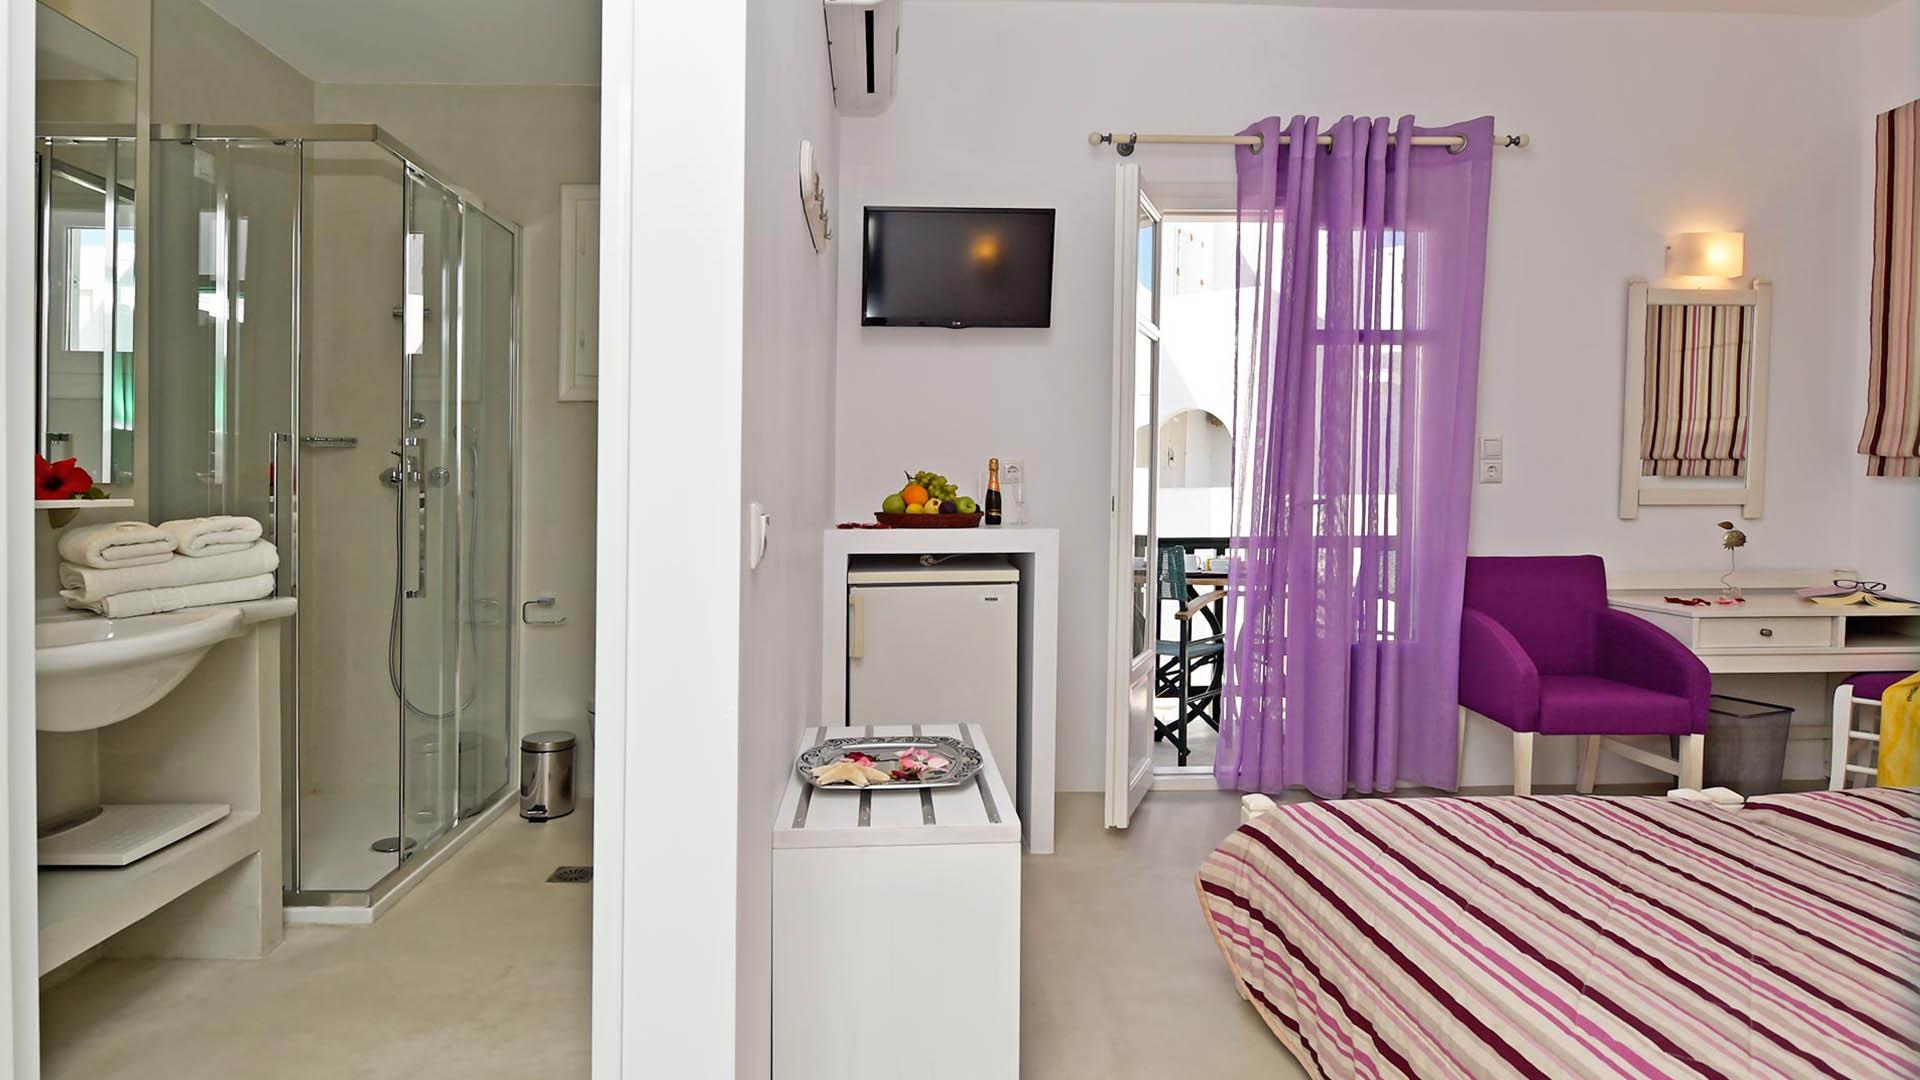 Η-_0002_01kalypsohotel-double-triple-rooms